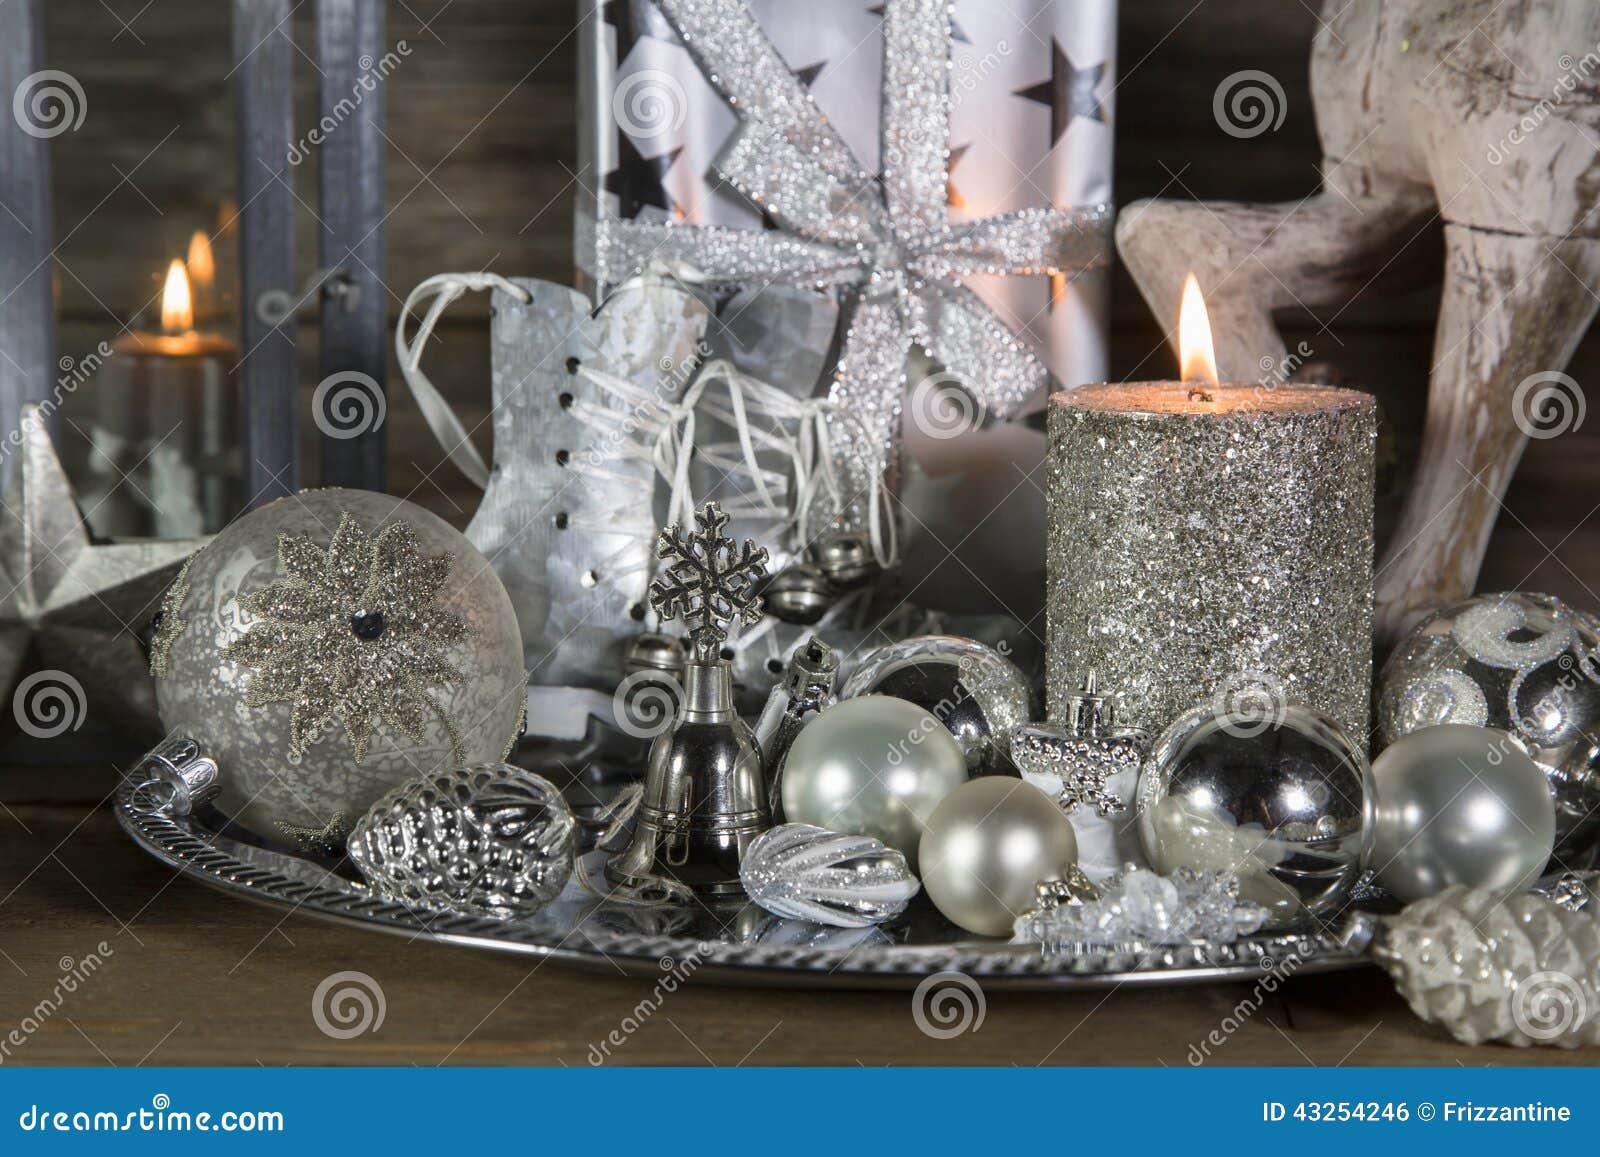 festliche weihnachtsdekoration im silber mit brennenden. Black Bedroom Furniture Sets. Home Design Ideas